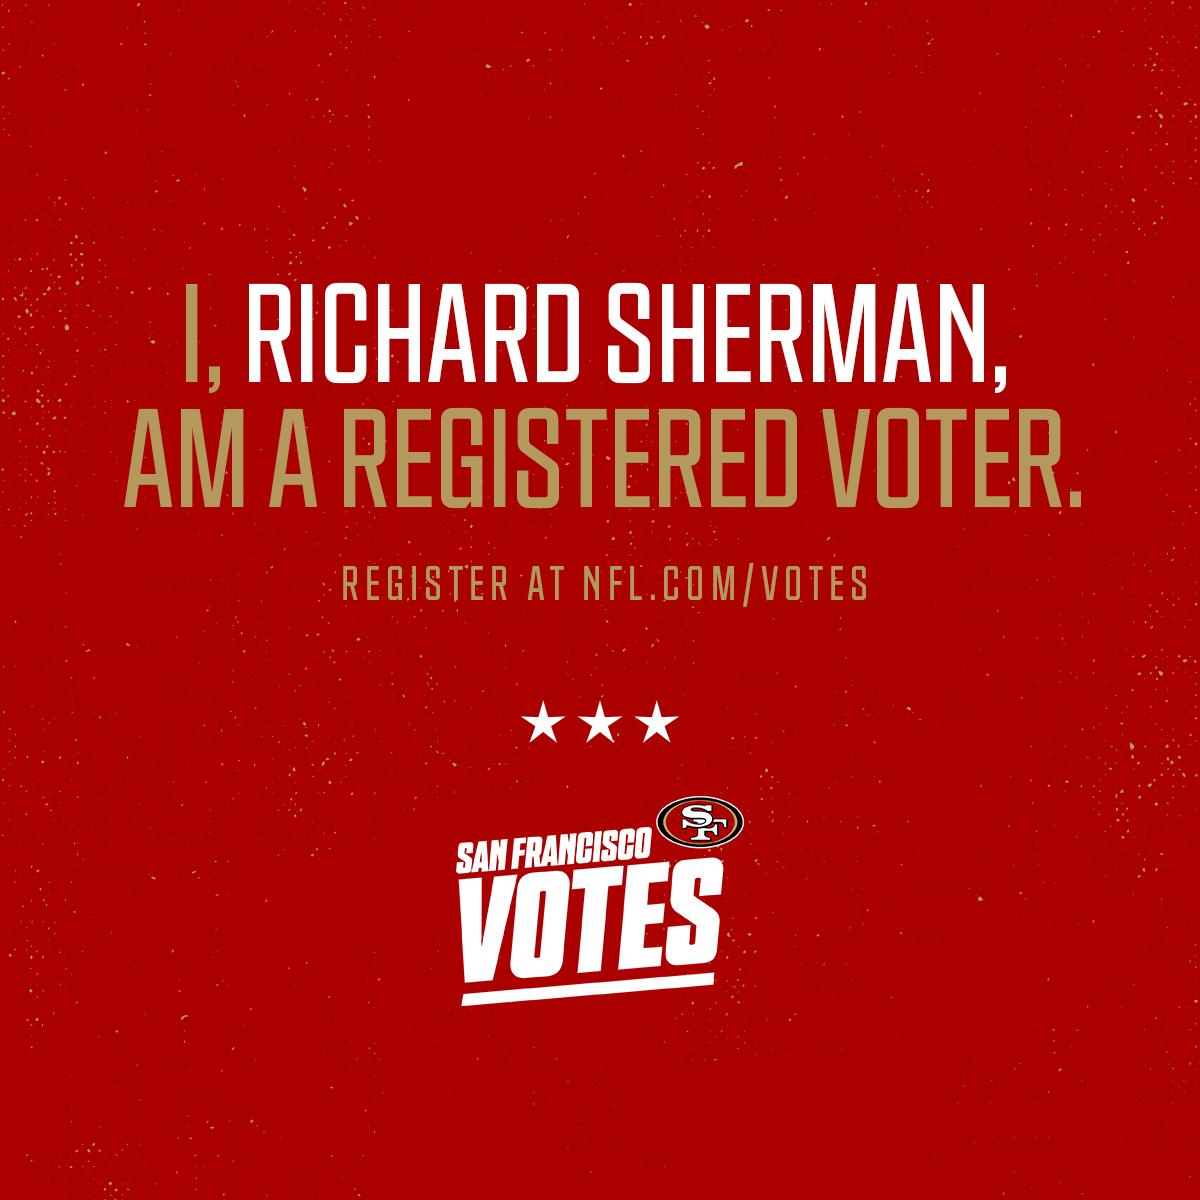 Register to vote atnfl.com/votes #NFLVotes